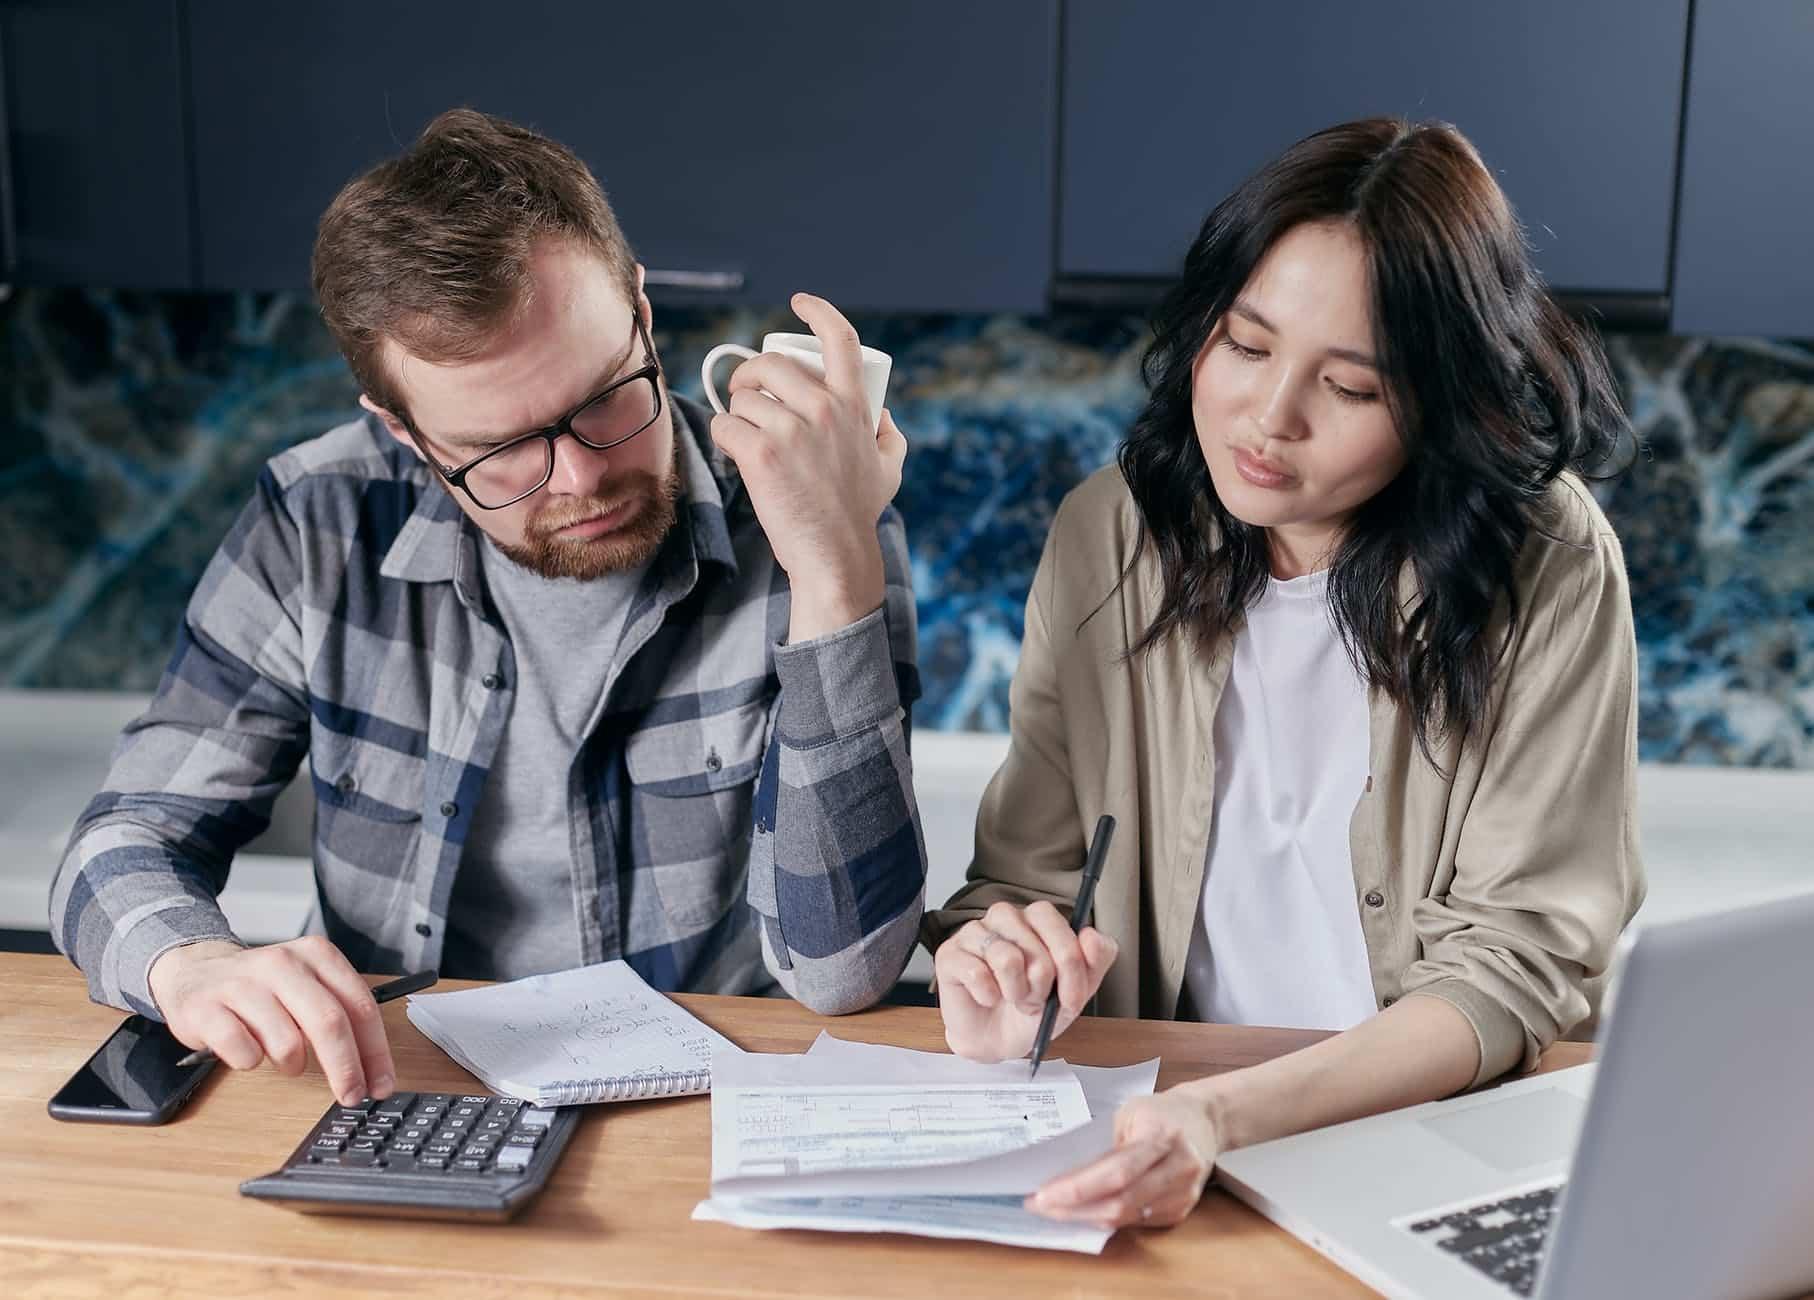 Vers quel professionnel se tourner pour une estimation immobilière ?